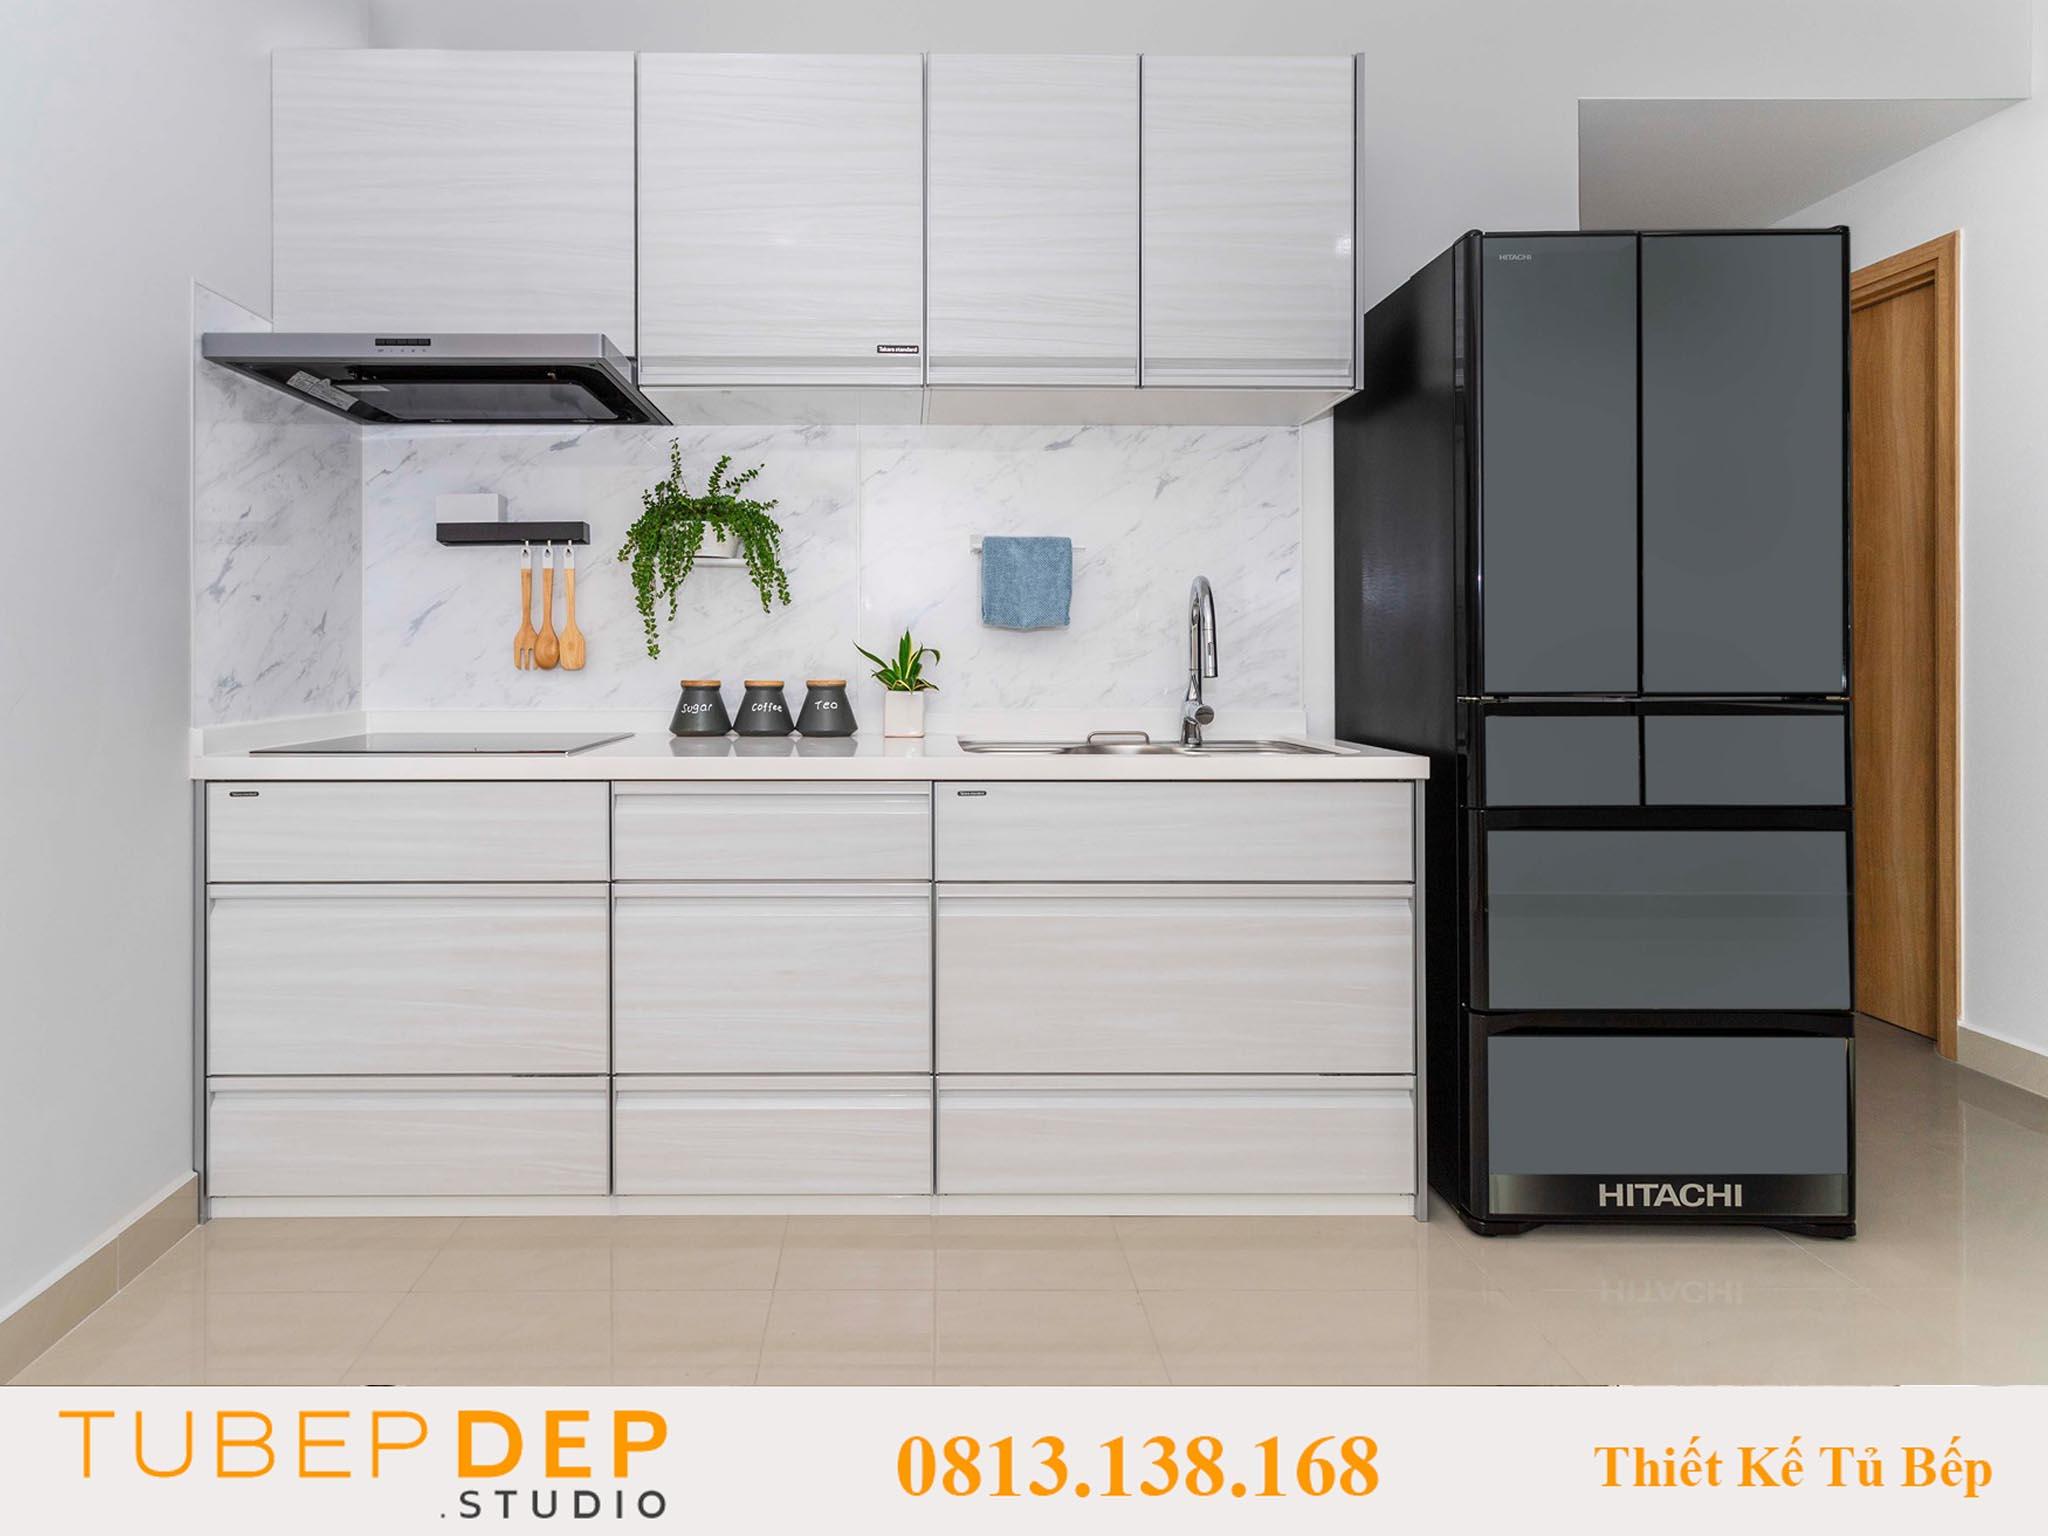 Tubepdep.studio là xưởng mộc thiết kế tủ bếp đẹp và rẻ tại Phú Nhuận